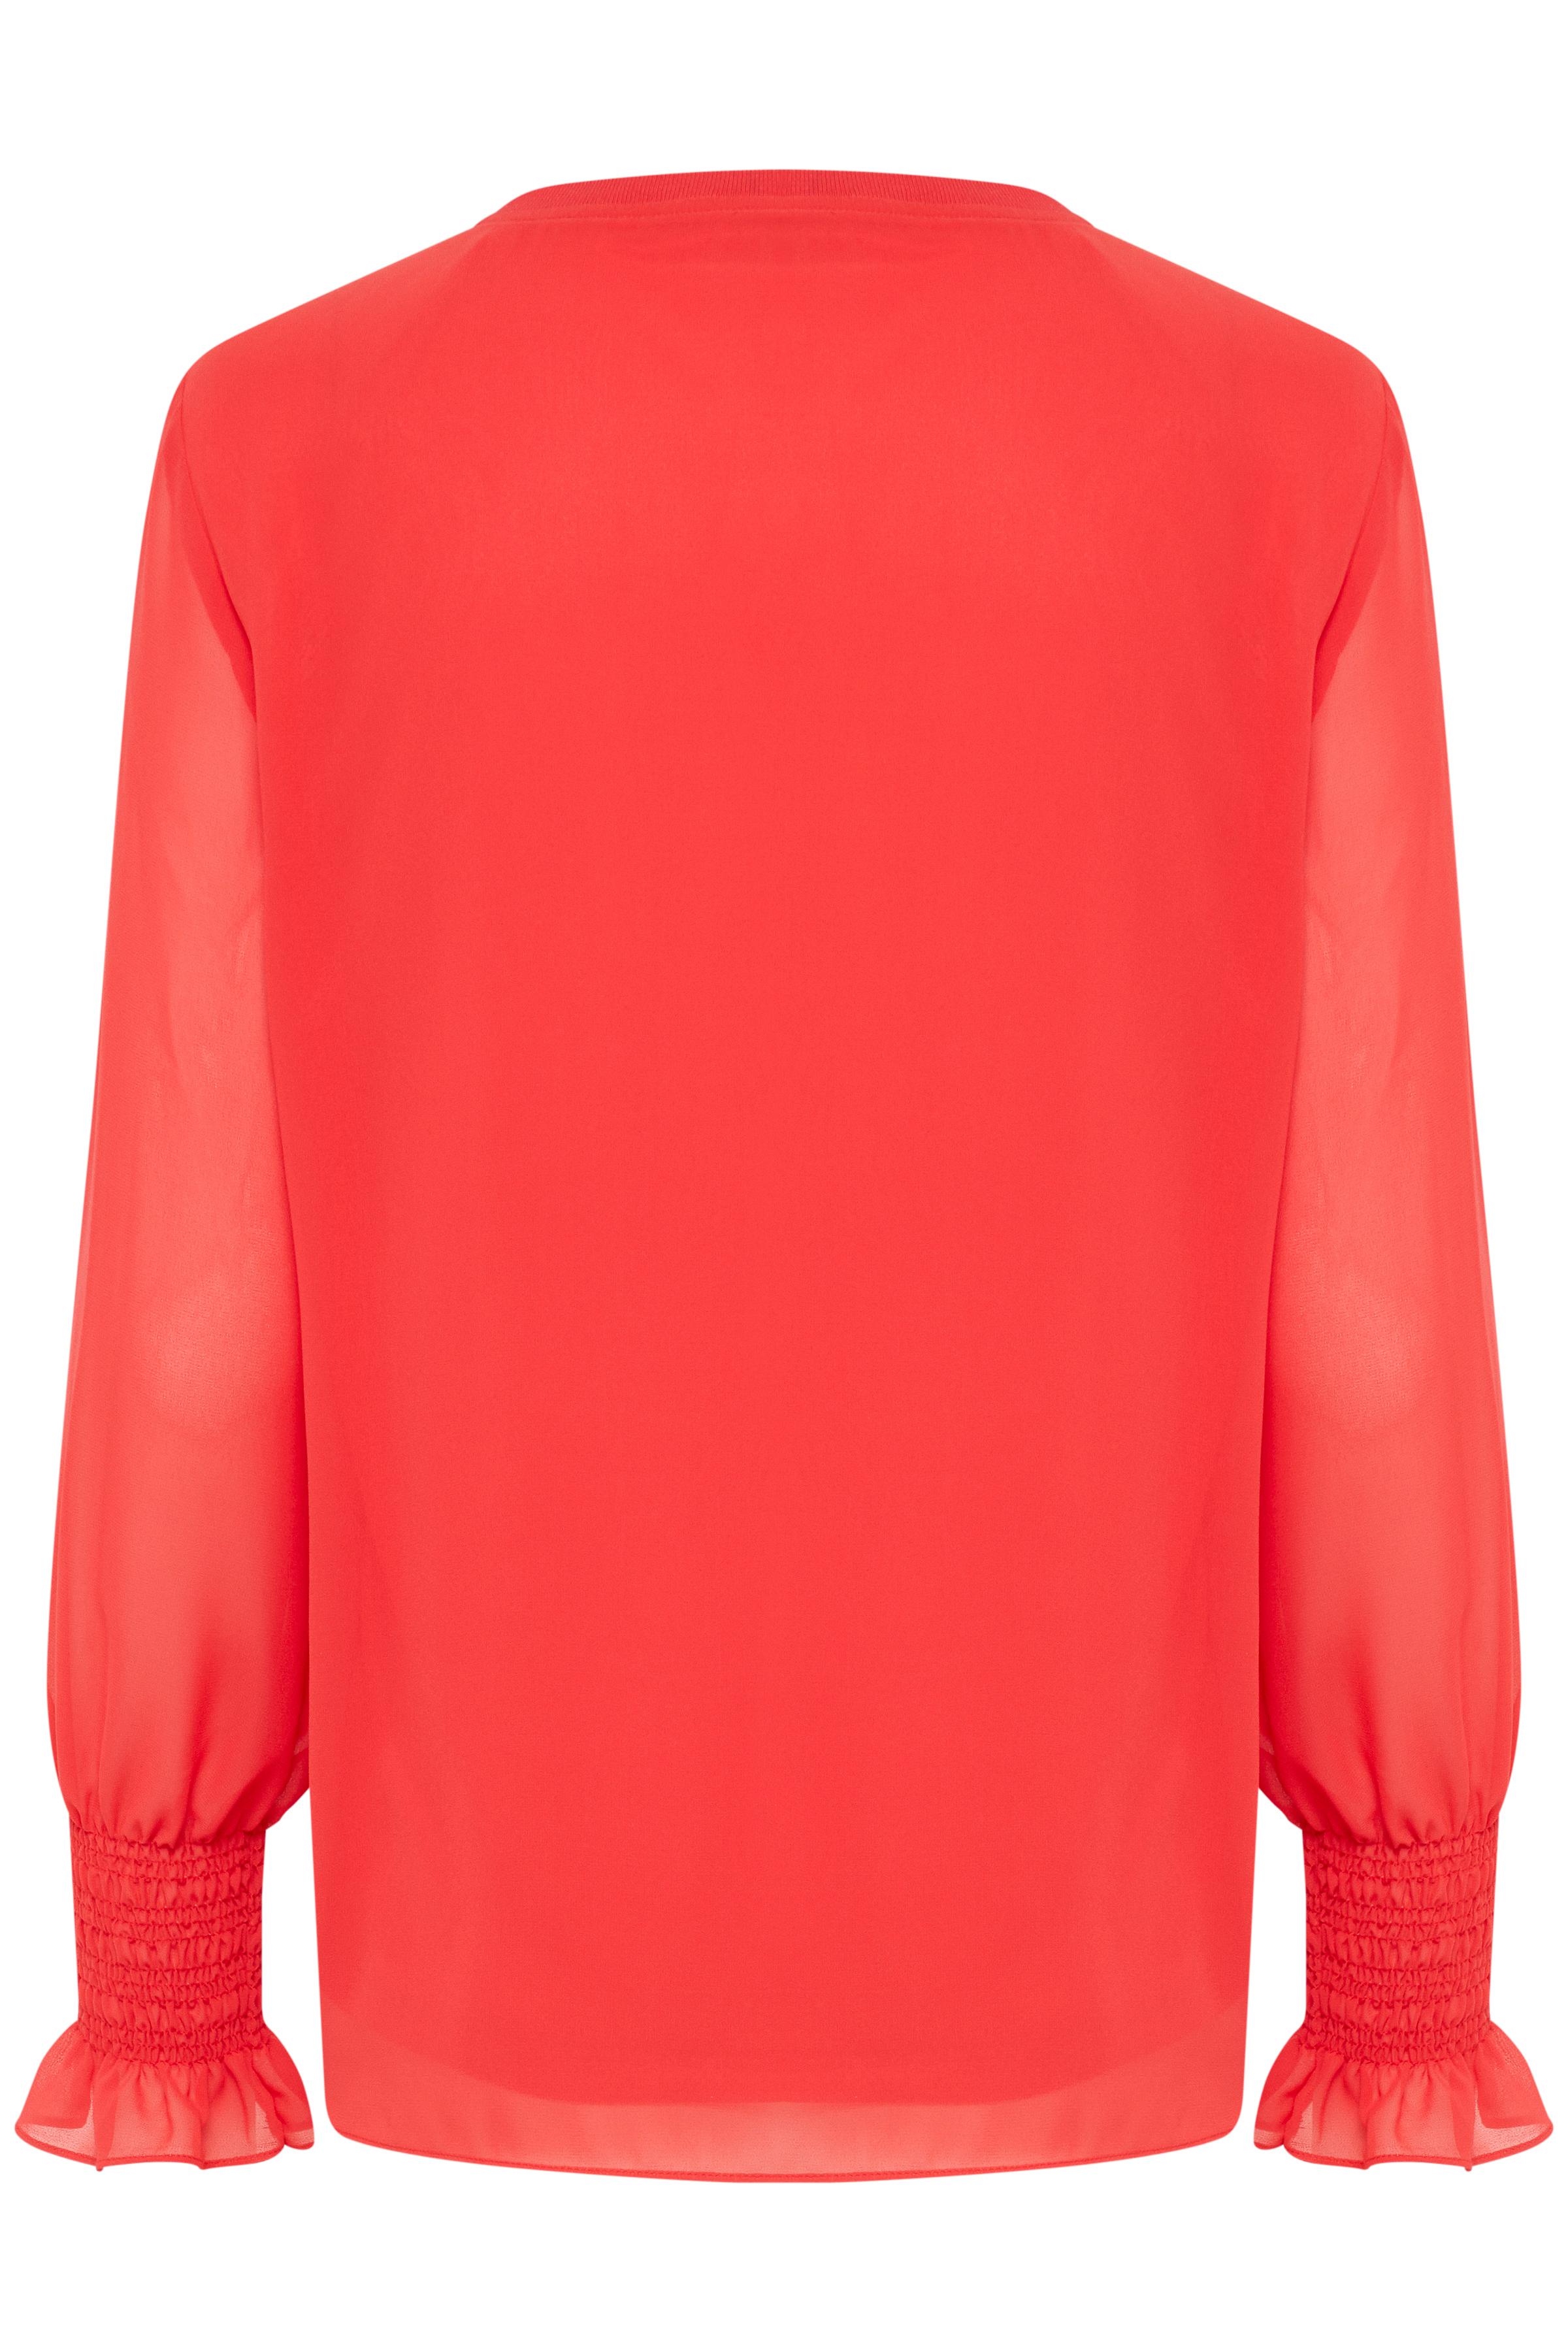 Chinese Red Långärmad blus från b.young – Köp Chinese Red Långärmad blus från storlek 34-42 här